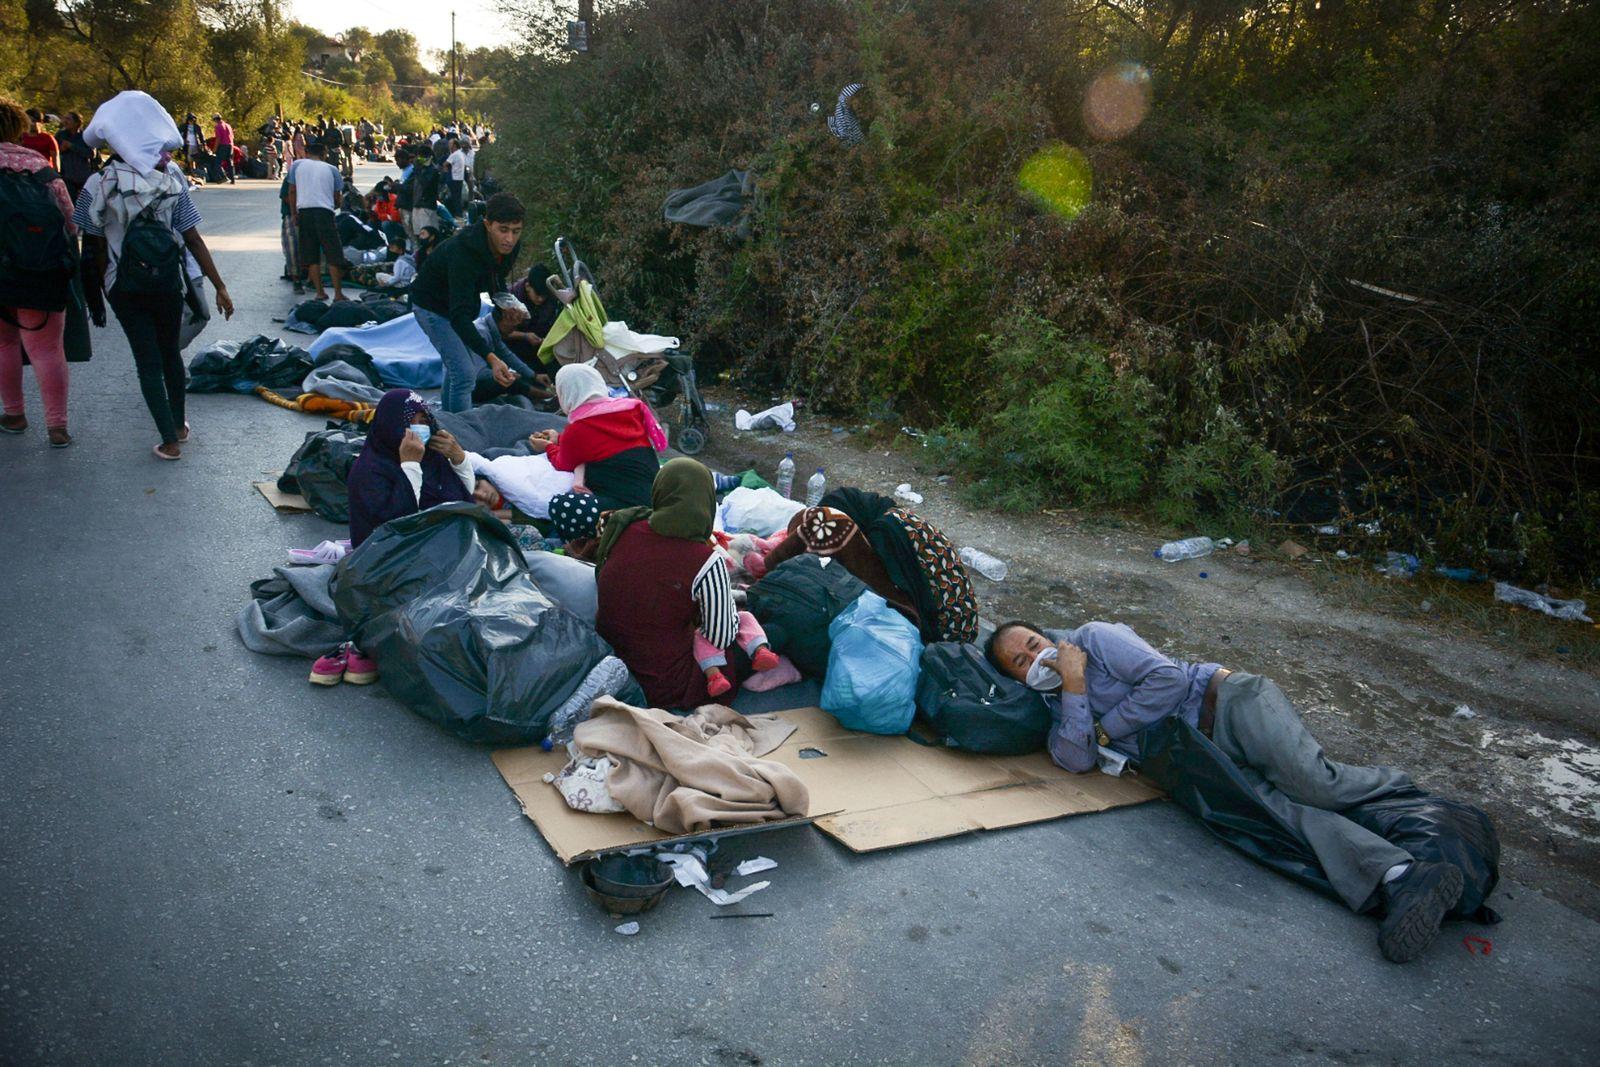 Tausende von Migranten flohen vor mehreren Bränden im Flüchtlingslager Moria auf der griechischen Insel Lesbos, die ein